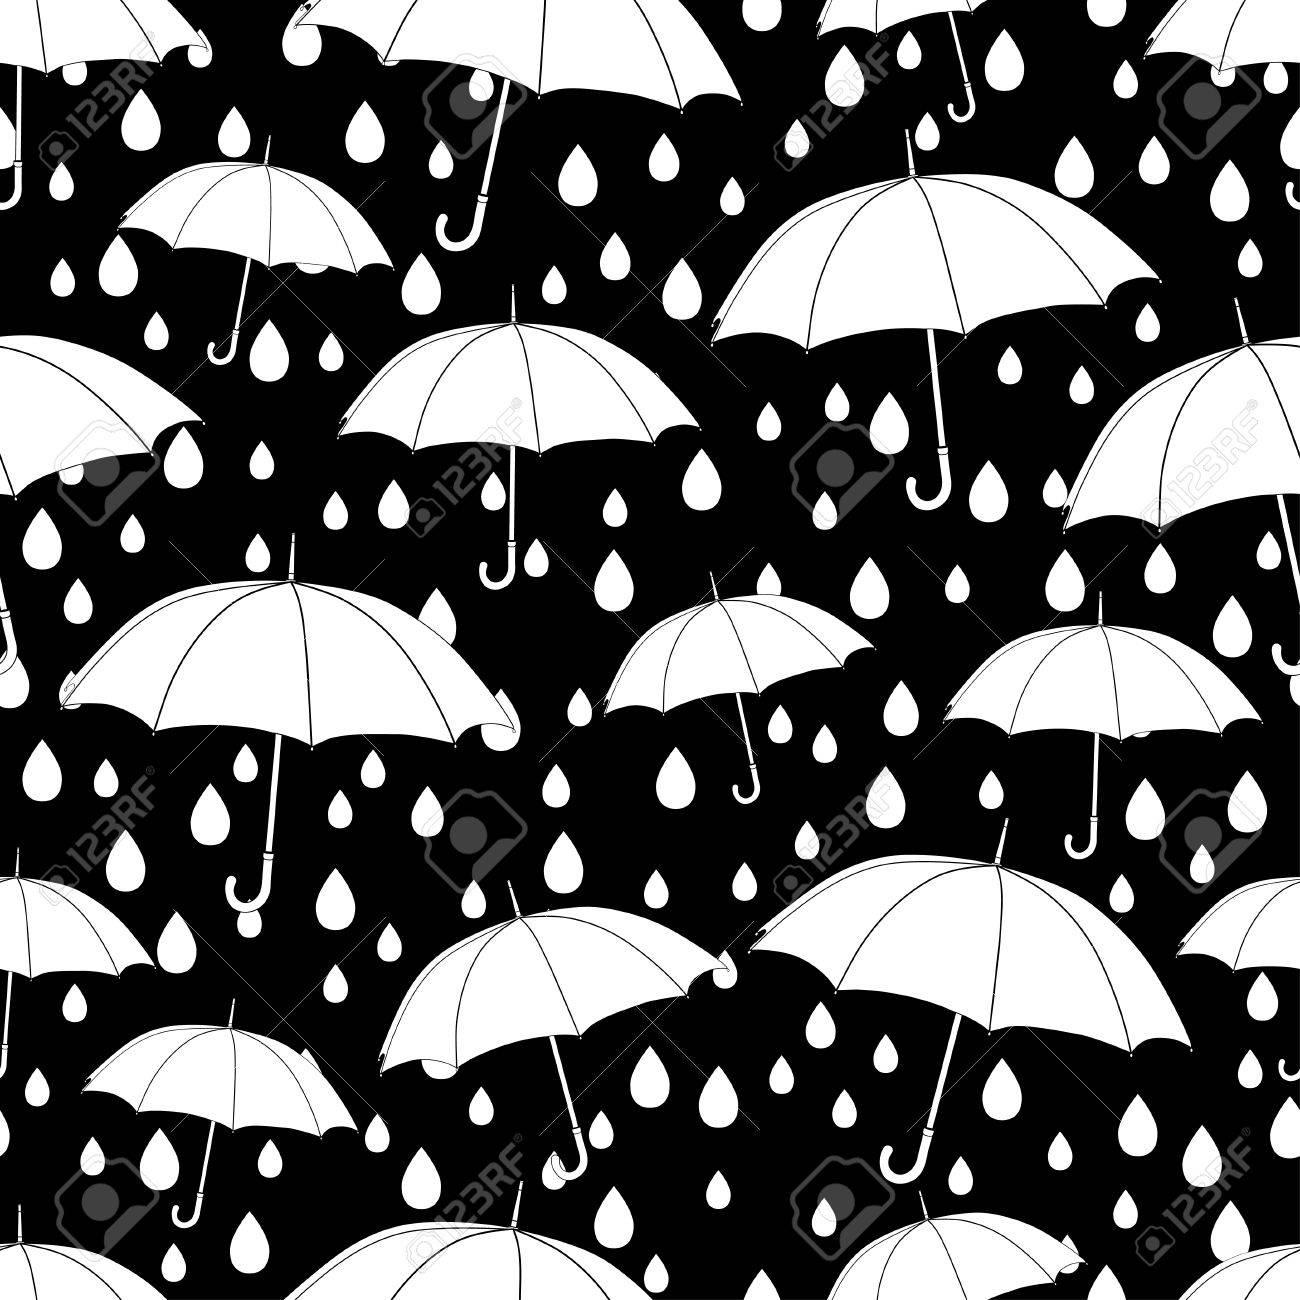 Modelo Inconsútil De Los Paraguas Libro De Colorear Ilustración Monocromática Fondo Del Vector Paraguas Y Gotas De Lluvia Blancos Sobre Un Fondo